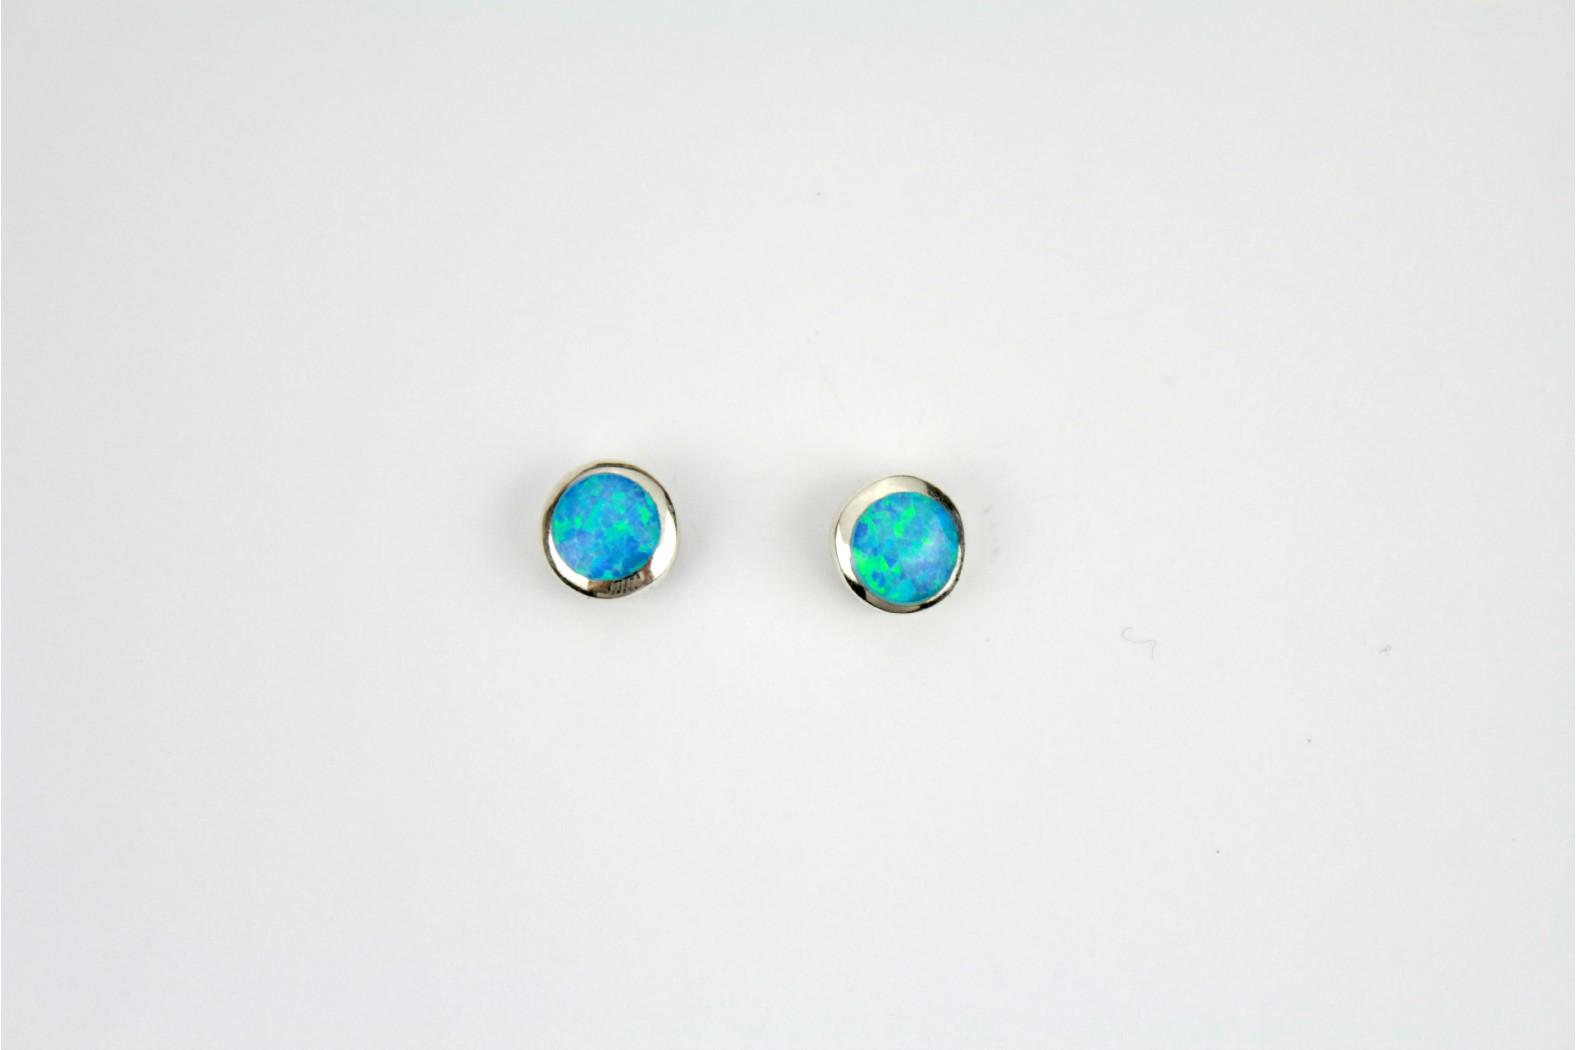 Blue Opal Fire created stud earrings silver edge